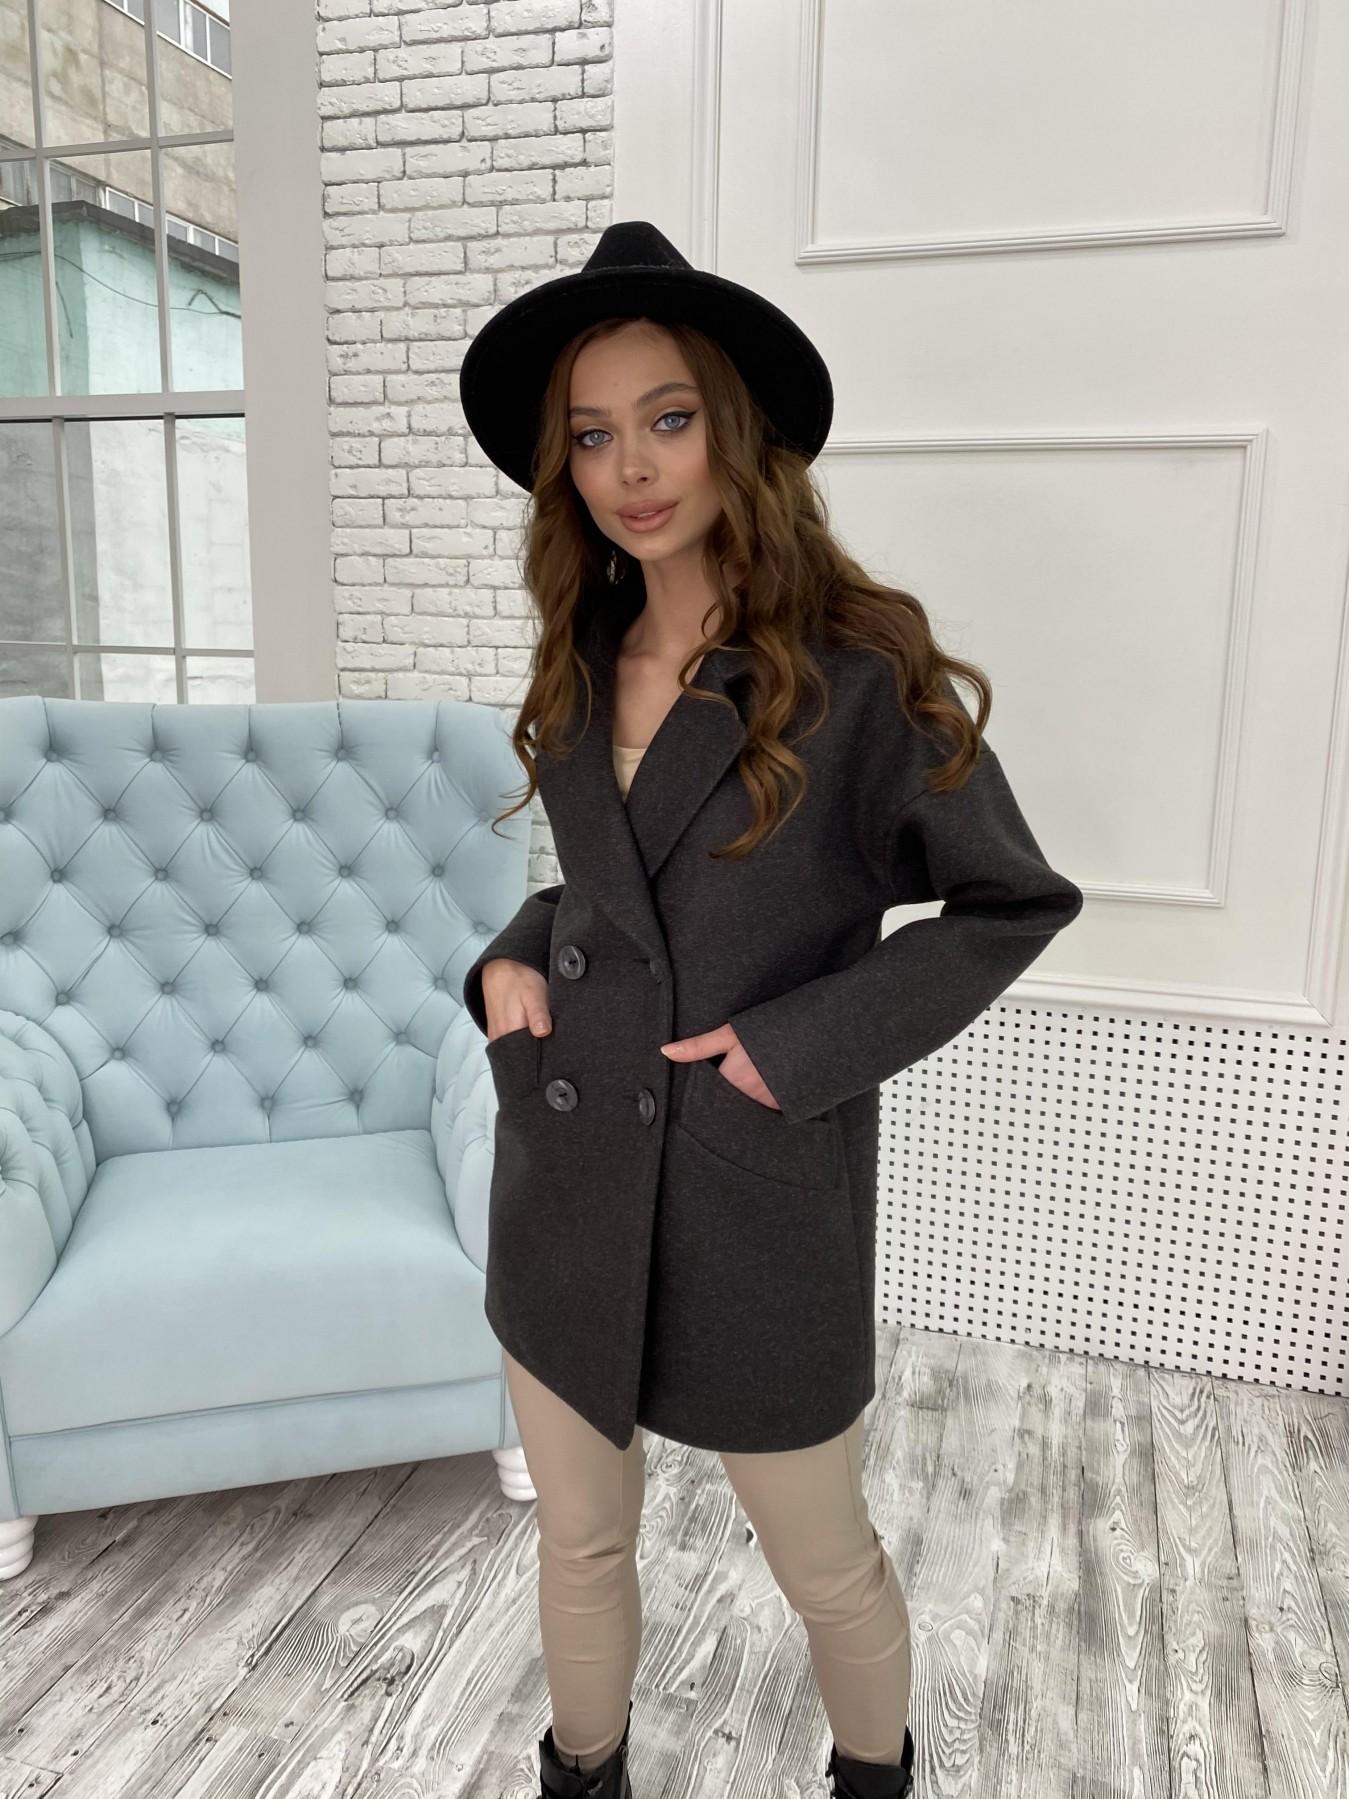 Бонд пальто  кашемировое меланж на трикотаже  10644 АРТ. 47183 Цвет: Черный меланж - фото 1, интернет магазин tm-modus.ru